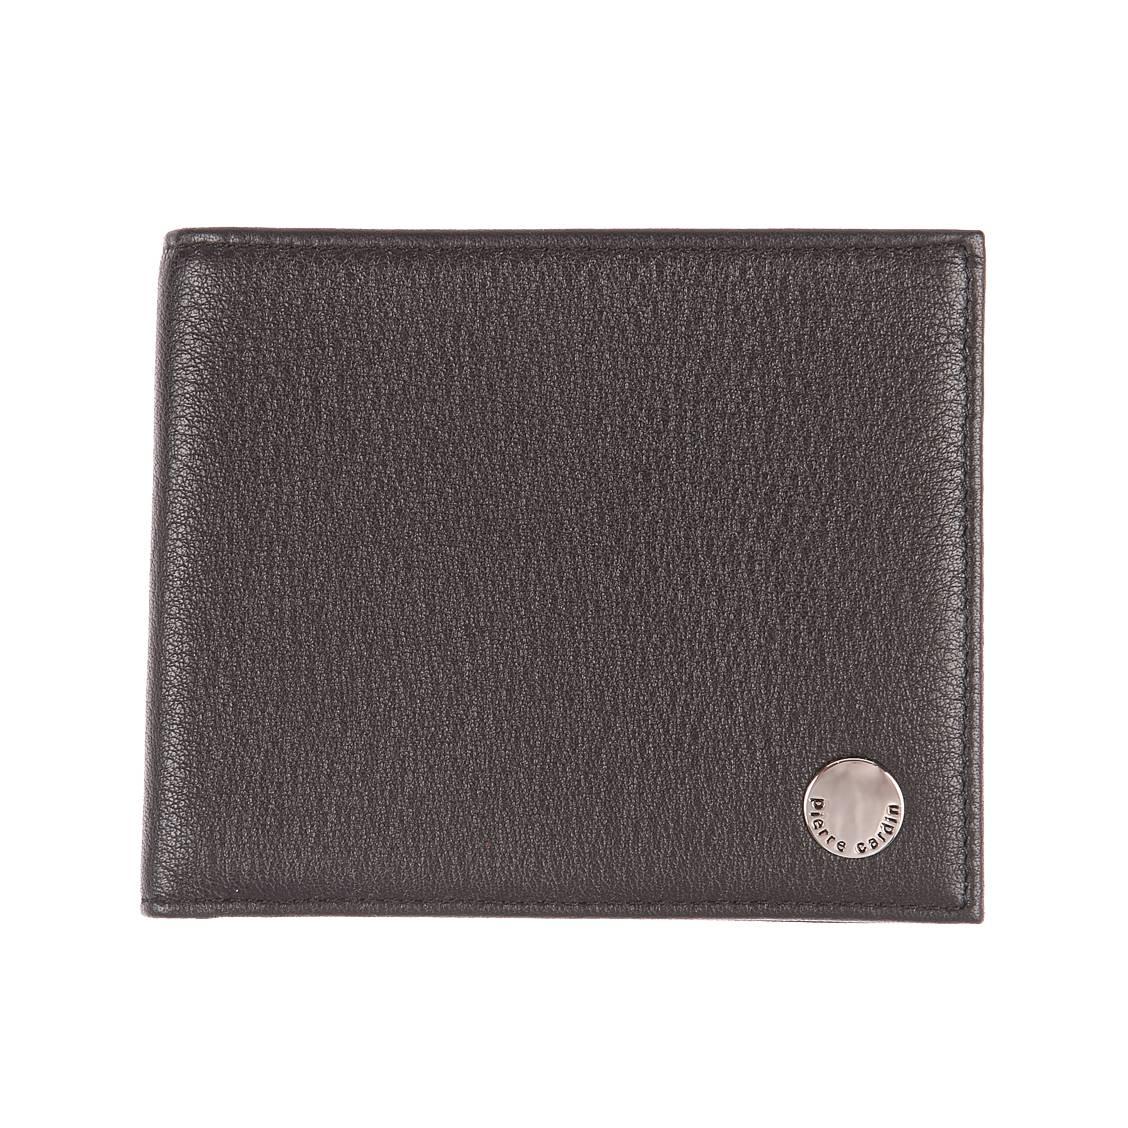 Petit portefeuille européen 2 volets Pierre Cardin en cuir grainé noir à porte-monnaie zippé Yha7cR